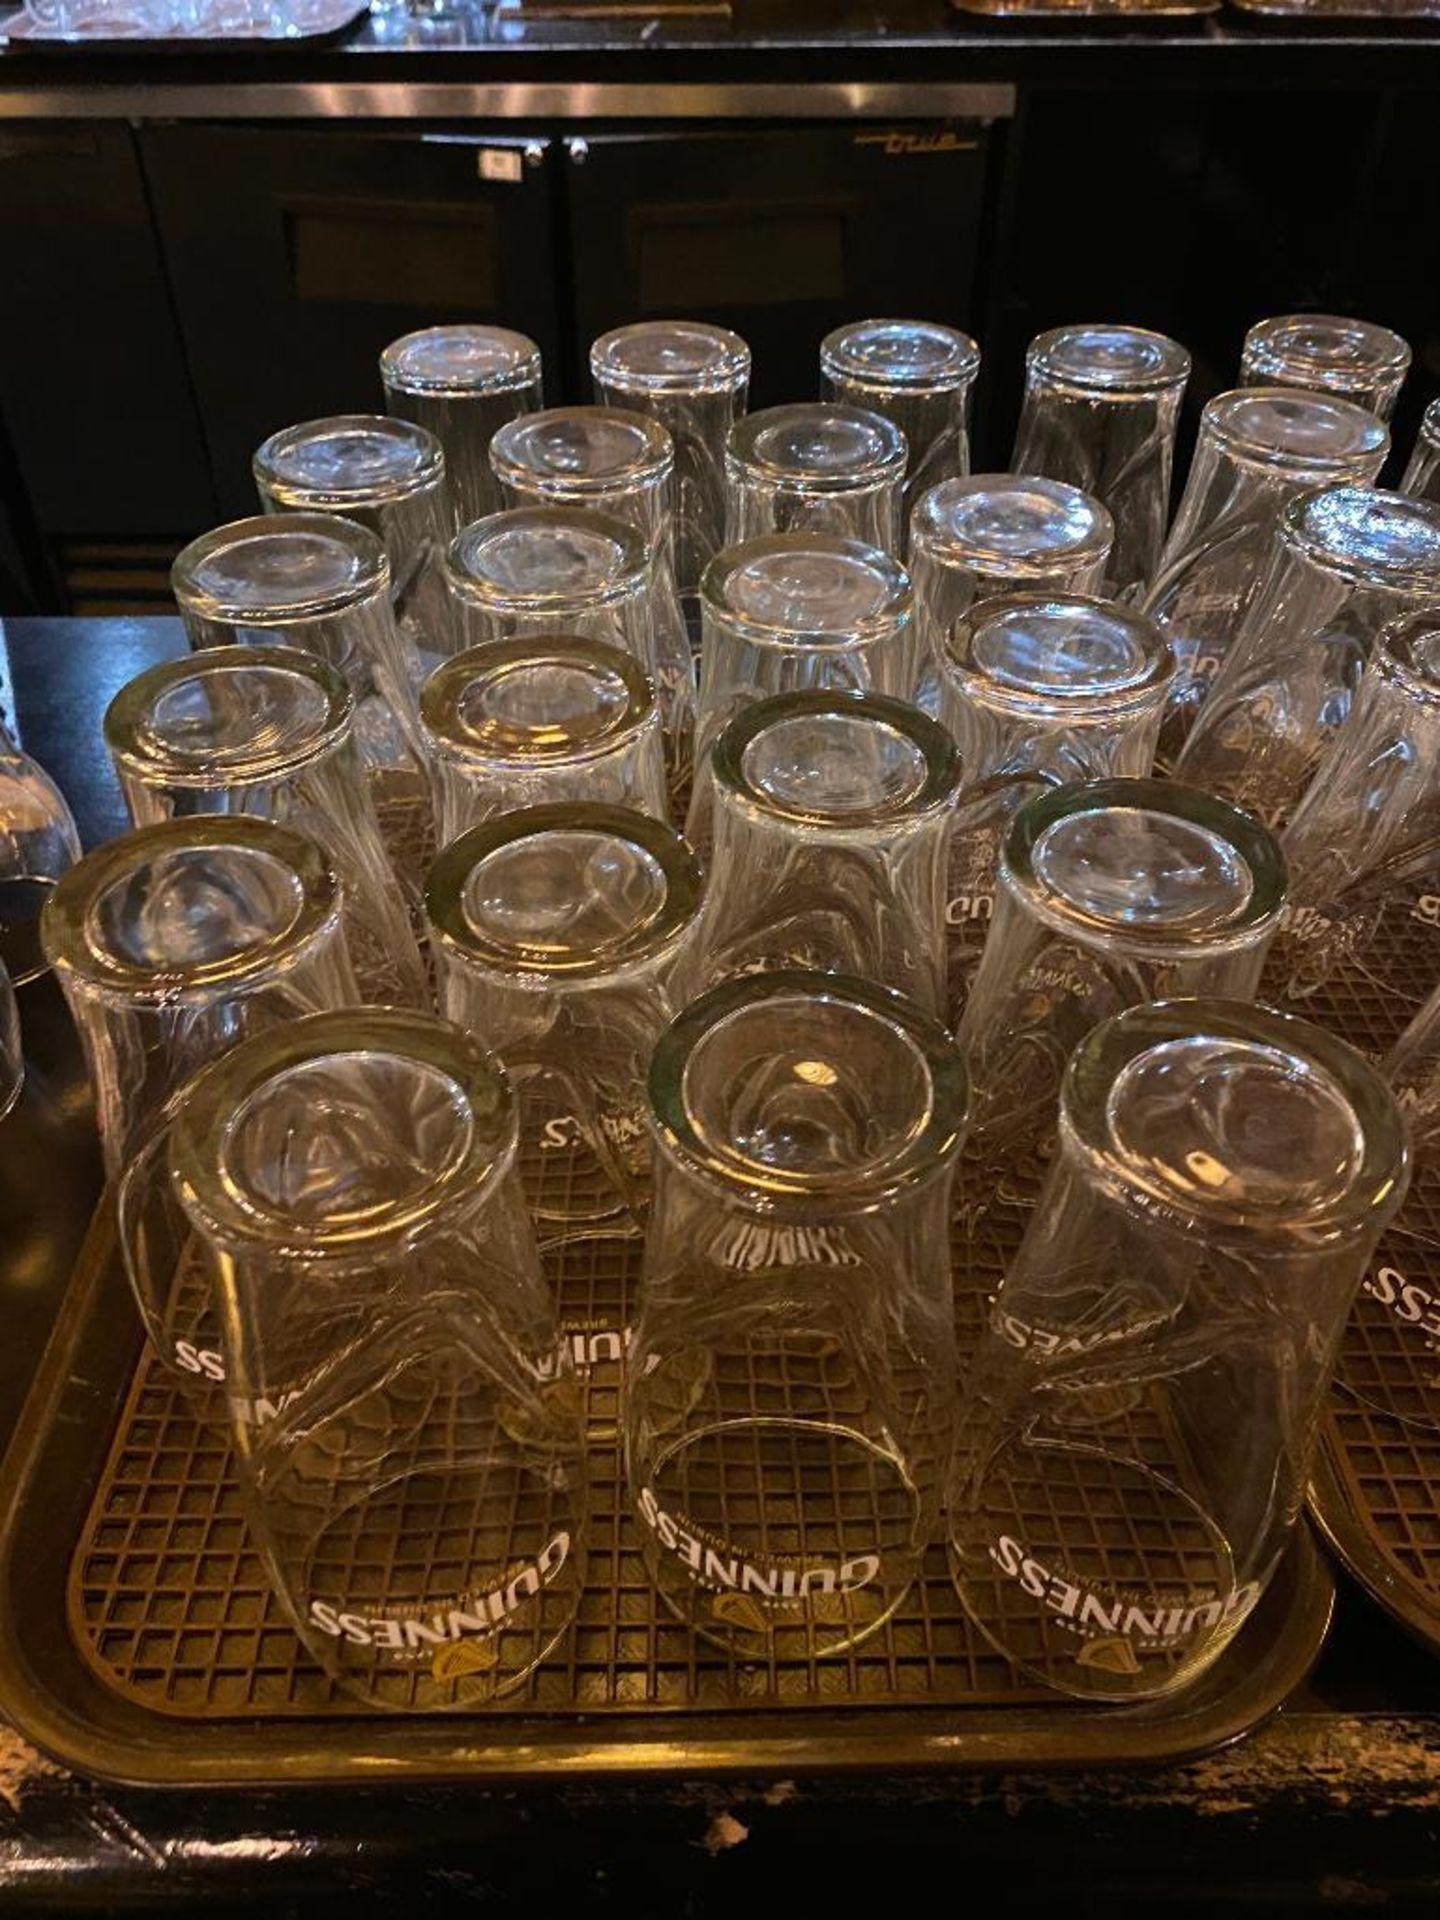 """3 DOZEN GUINNESS """"BREWED IN DUBLIN"""" PINT GLASSES - Image 3 of 3"""